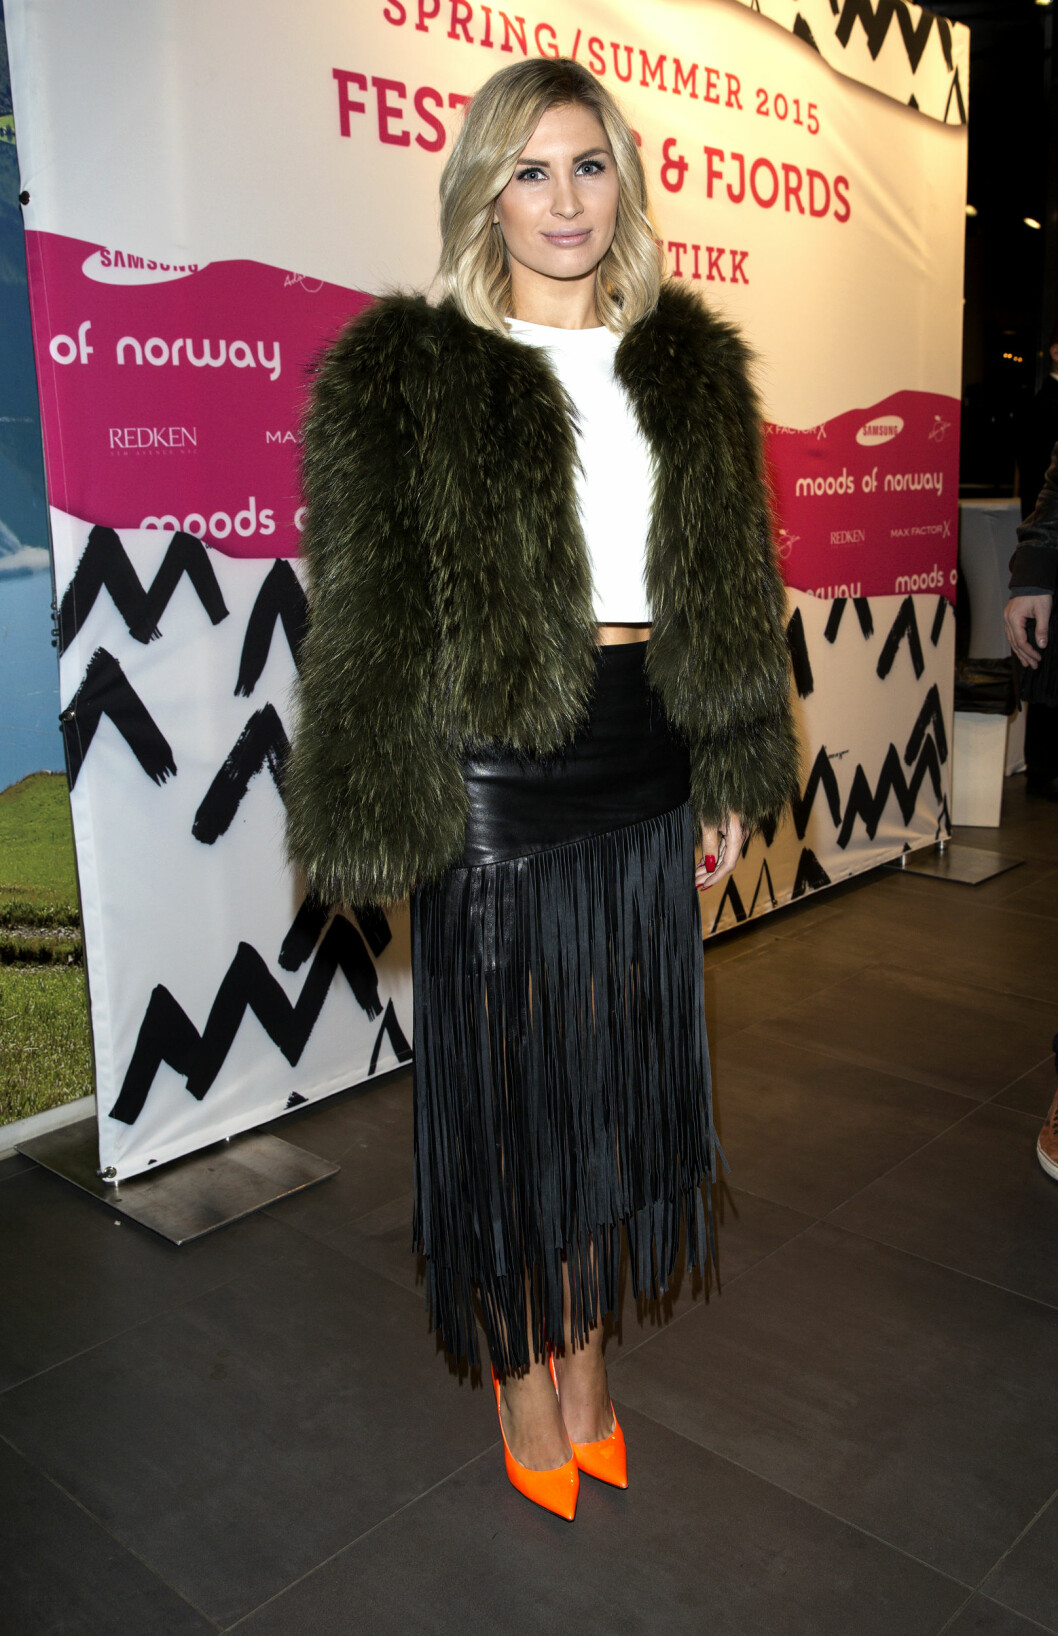 STILIG: Louise Angelica er både stylist og blogger, og dukker alltid opp i moteriktige antrekk. Her er hun på Moods of Norway-fest tidligere i år. Foto: Andreas Fadum